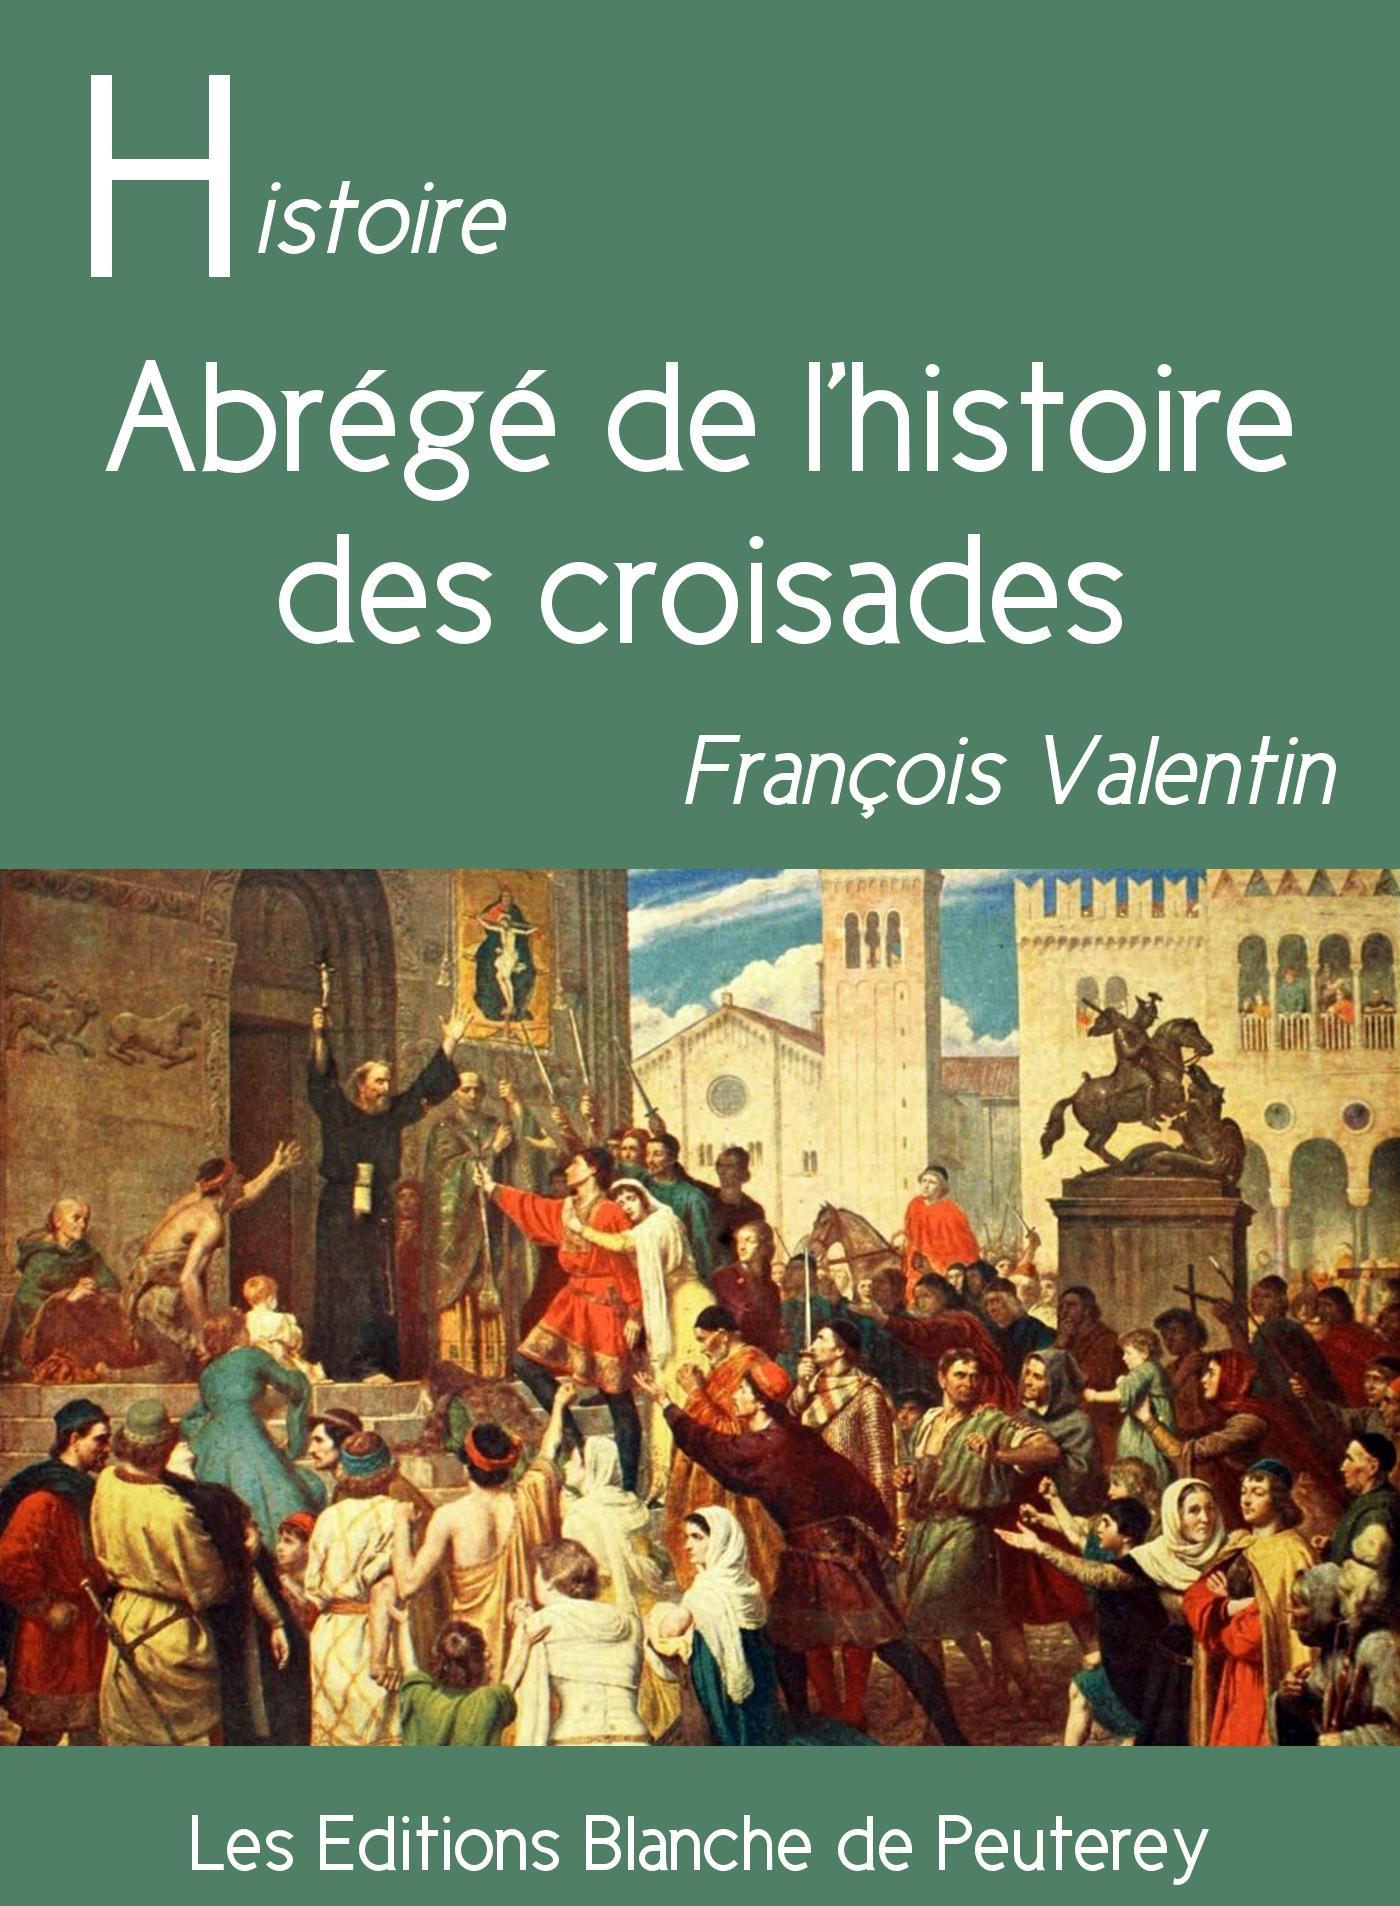 Abrégé de l'histoire des croisades